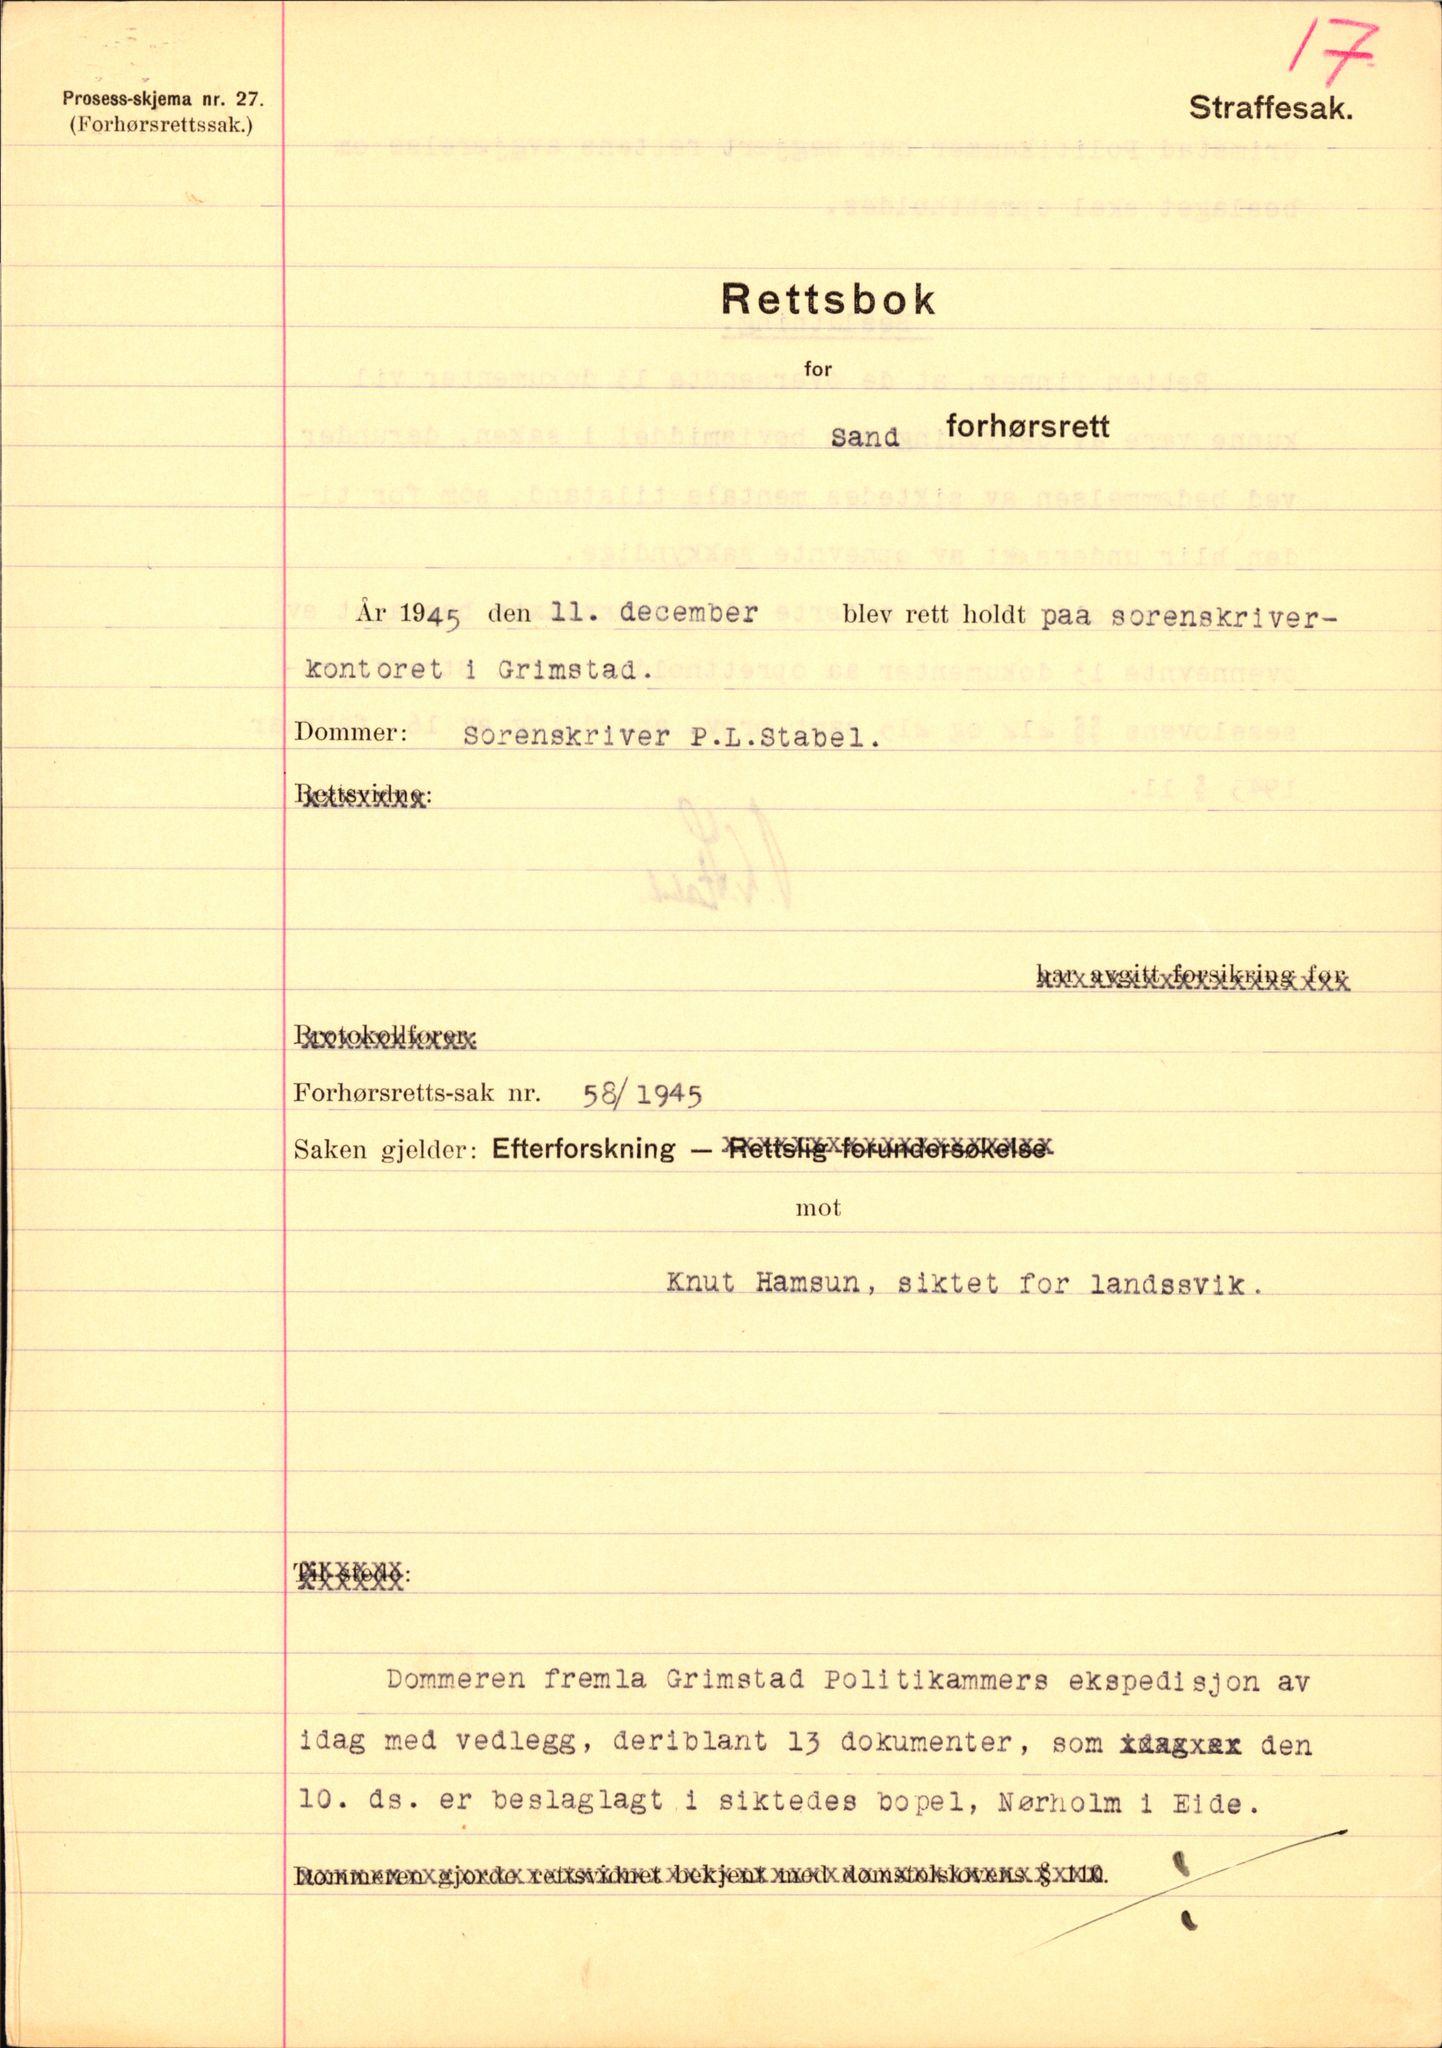 RA, Landssvikarkivet, Arendal politikammer, D/Dc/L0029: Anr. 192/45, 1945-1951, s. 93